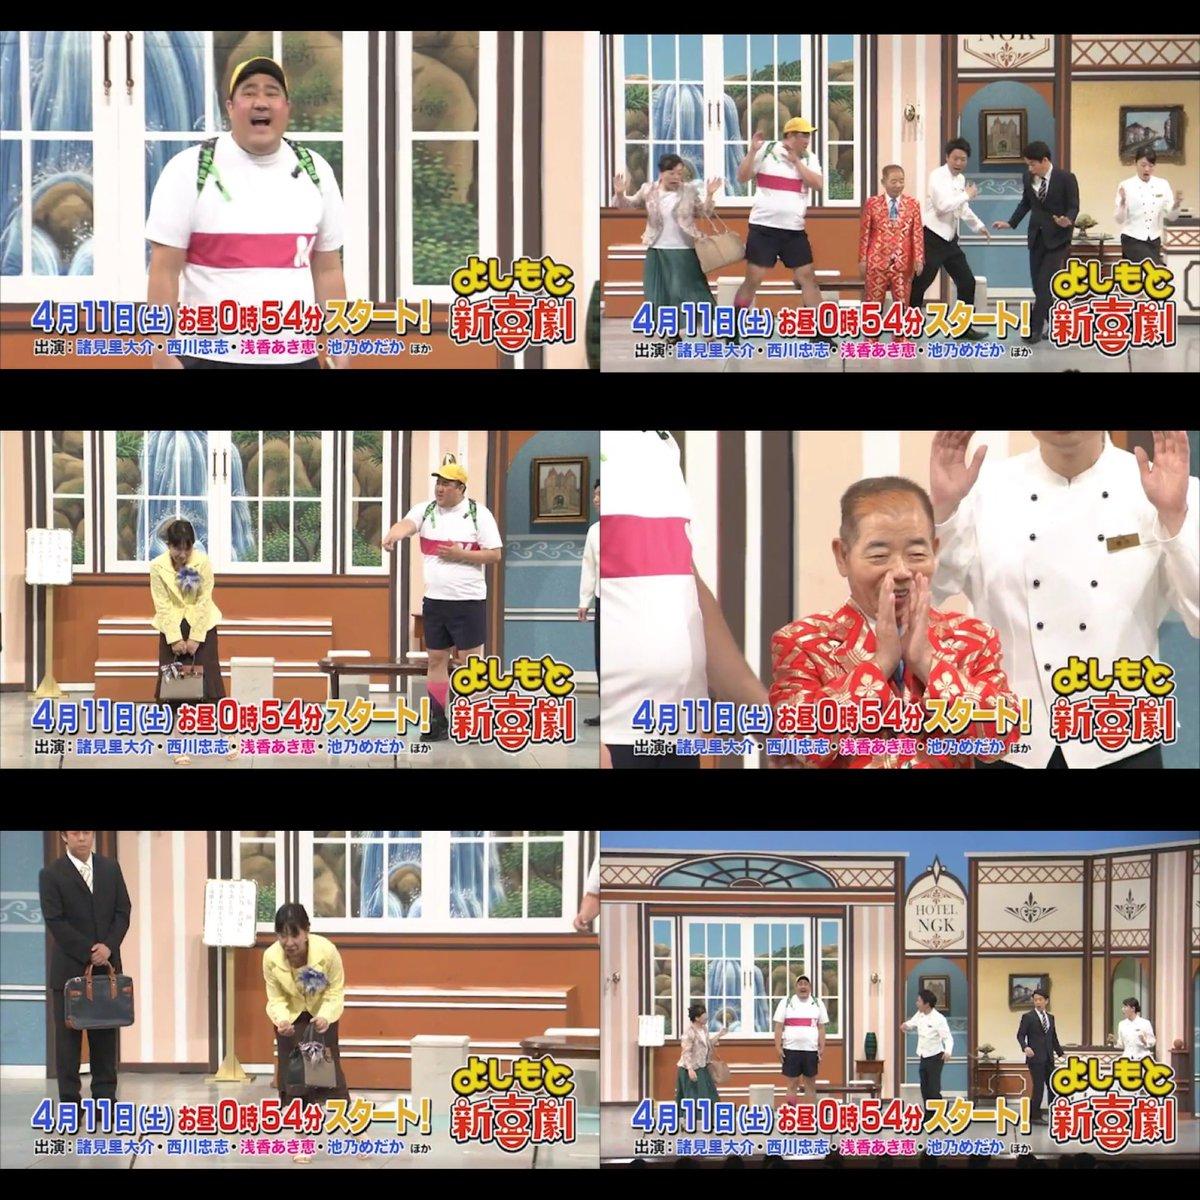 吉本 新 喜劇 動画 2019